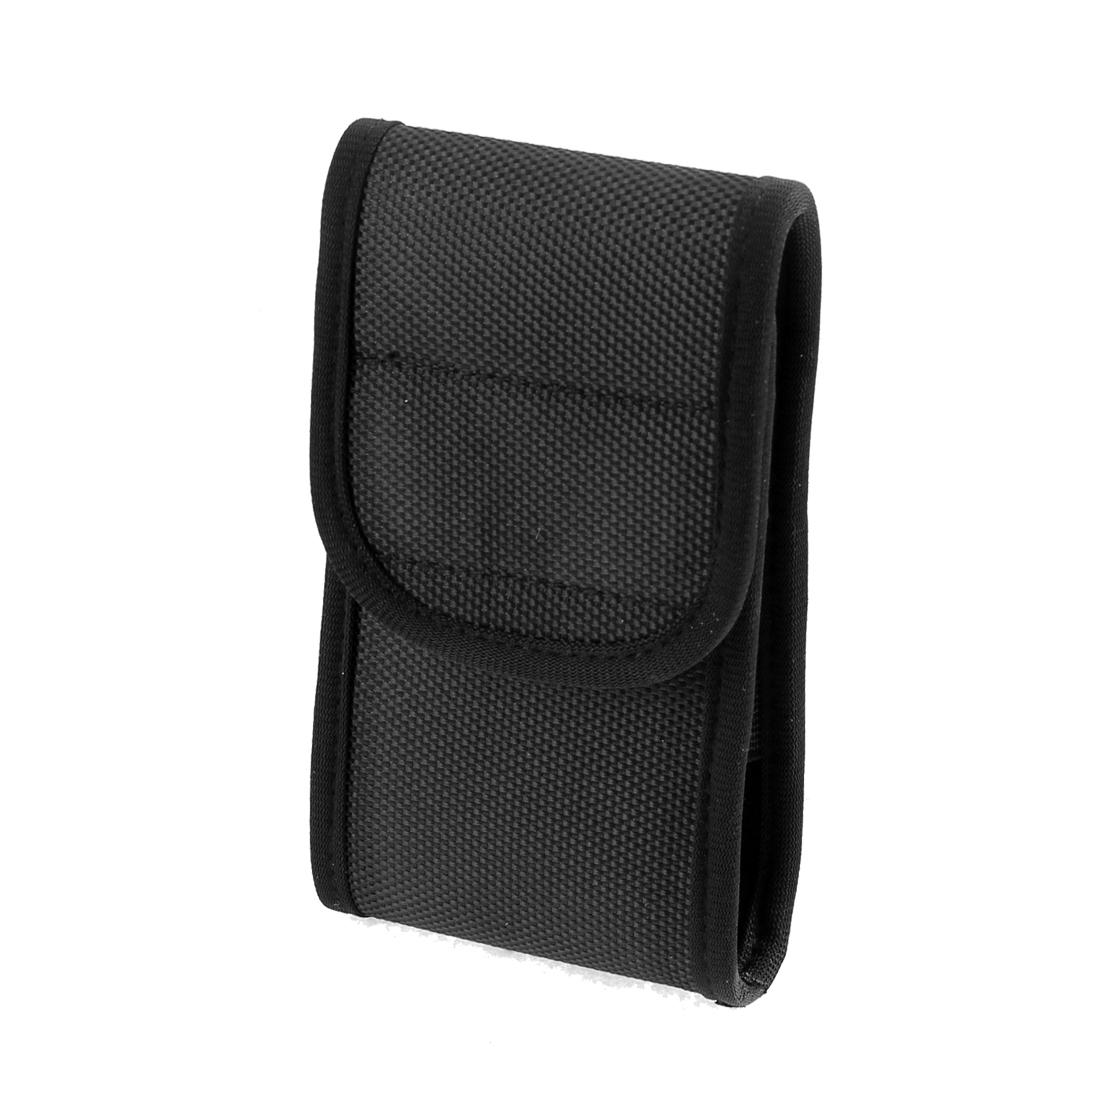 Rectangle Shaped Pouch Waist Belt Hook Loop Closure Mobile Phone Bag Pocket Holder Black